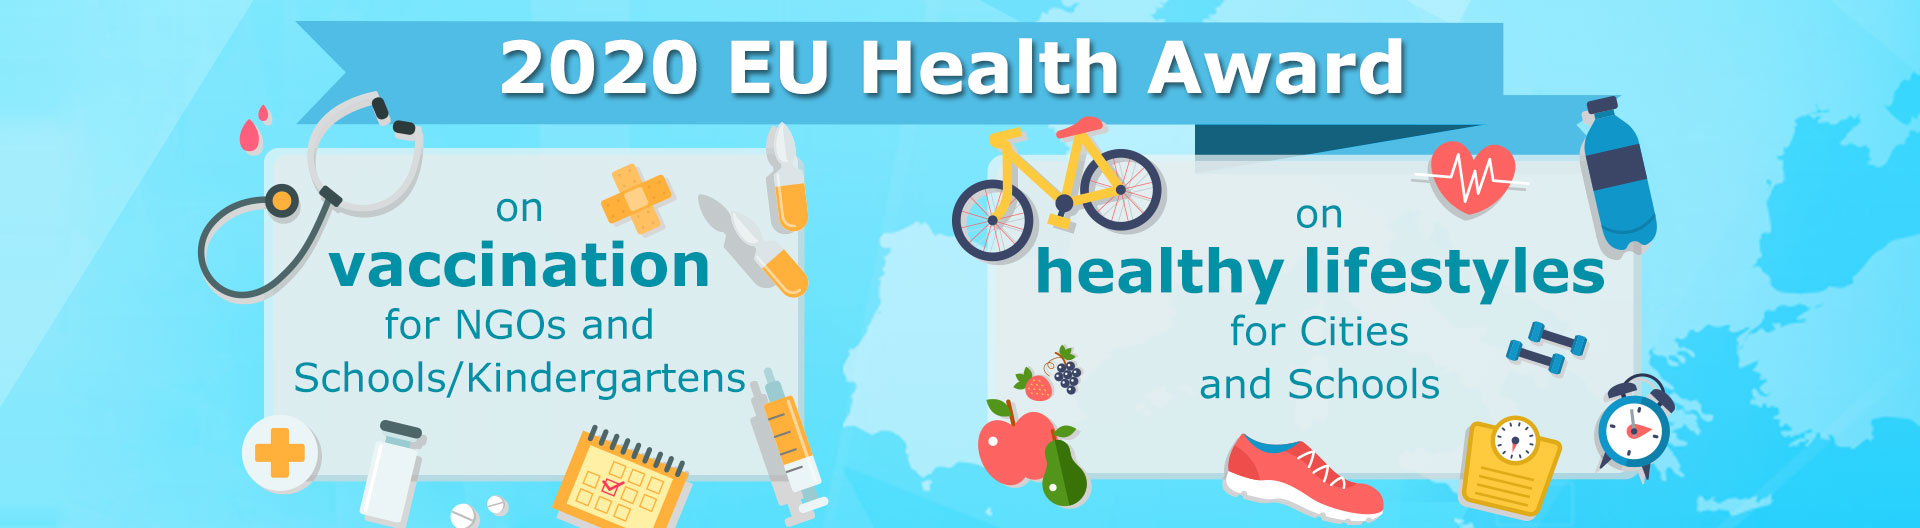 Prijavite se za EU Nagradu za zdravlje 2020